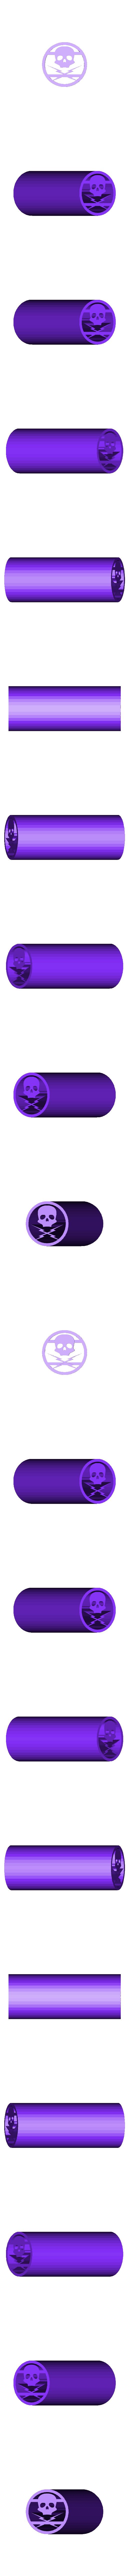 death proof.STL Télécharger fichier STL 36 CONSEILS SUR LES FILTRES À MAUVAISES HERBES VOL.1+2+3+4 • Design pour impression 3D, SnakeCreations